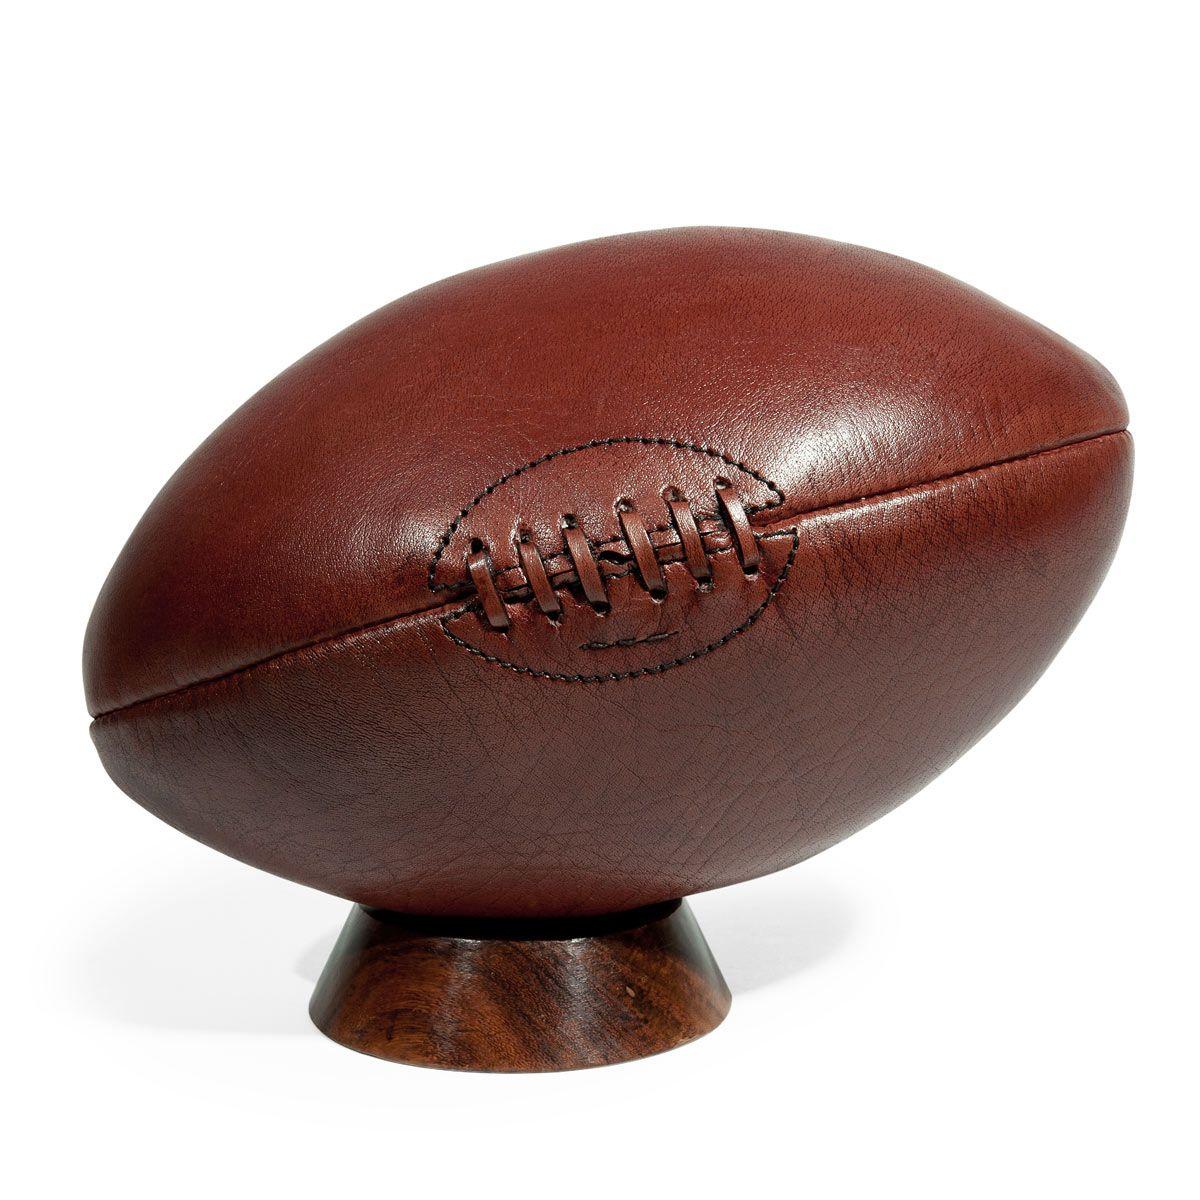 Ballon de rugby vintage r f 130246 dimensions cm h 31 x l 18 poids 1 k - Ballon de rugby cuir vintage ...